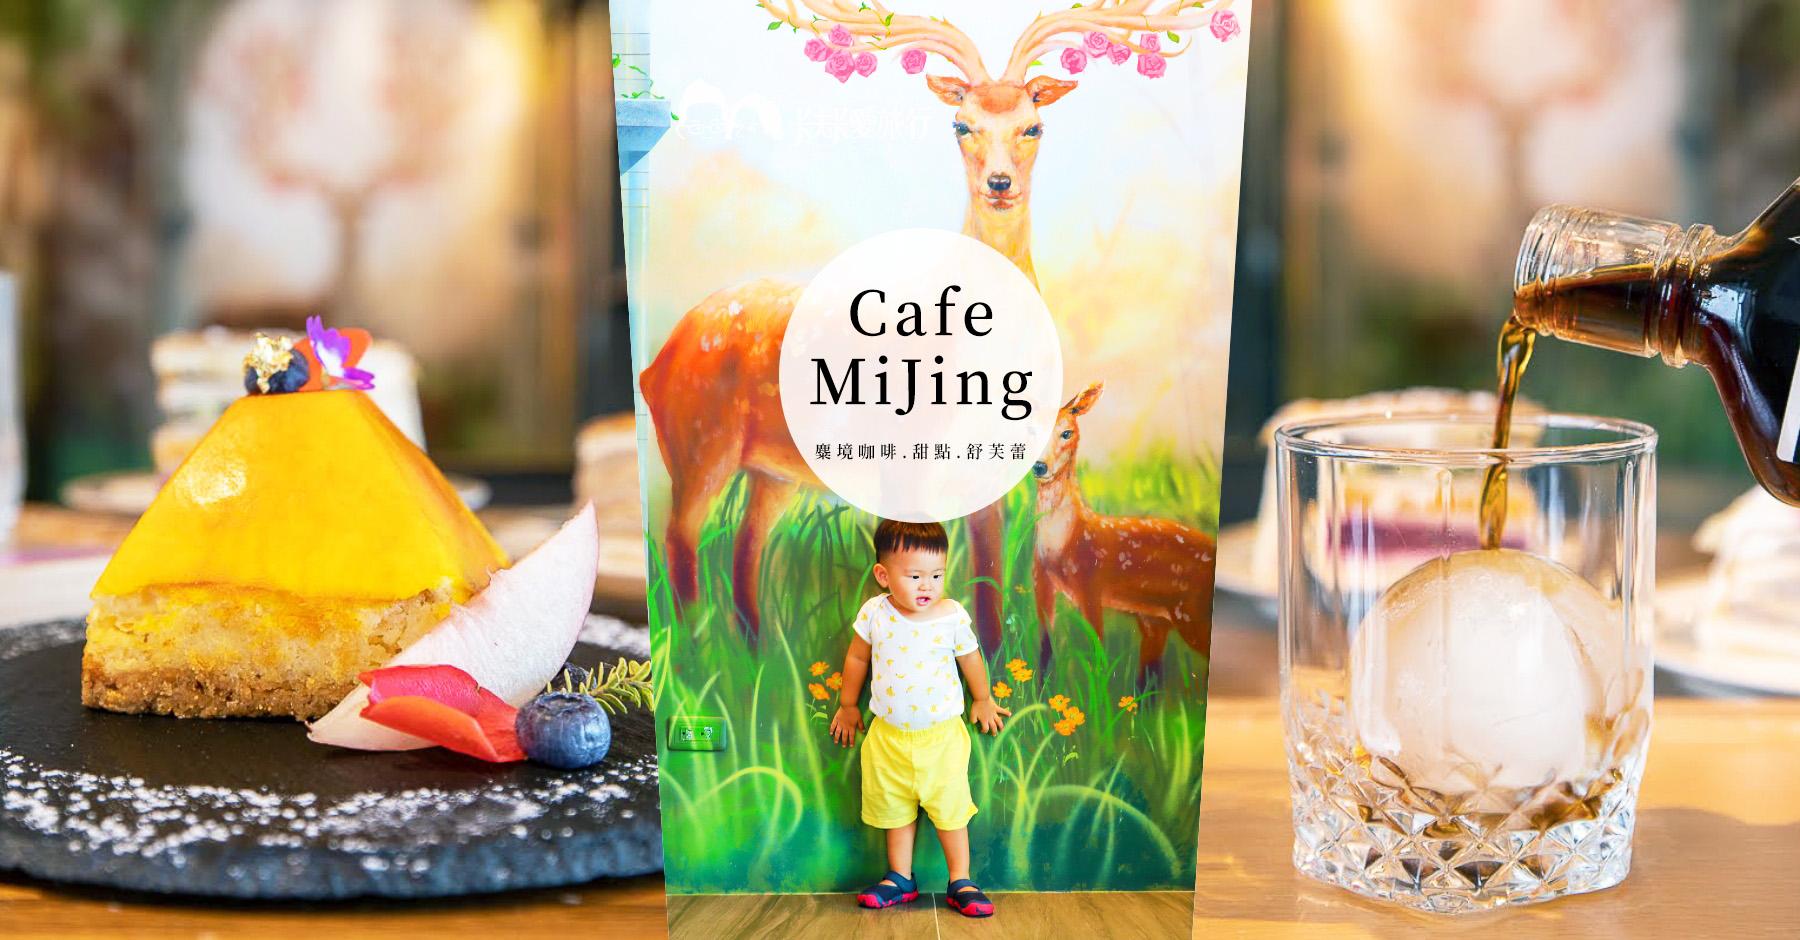 宜蘭壯圍下午茶甜點|麋境咖啡|日式舒芙蕾水果千層網美咖啡廳推薦菜單和民宿